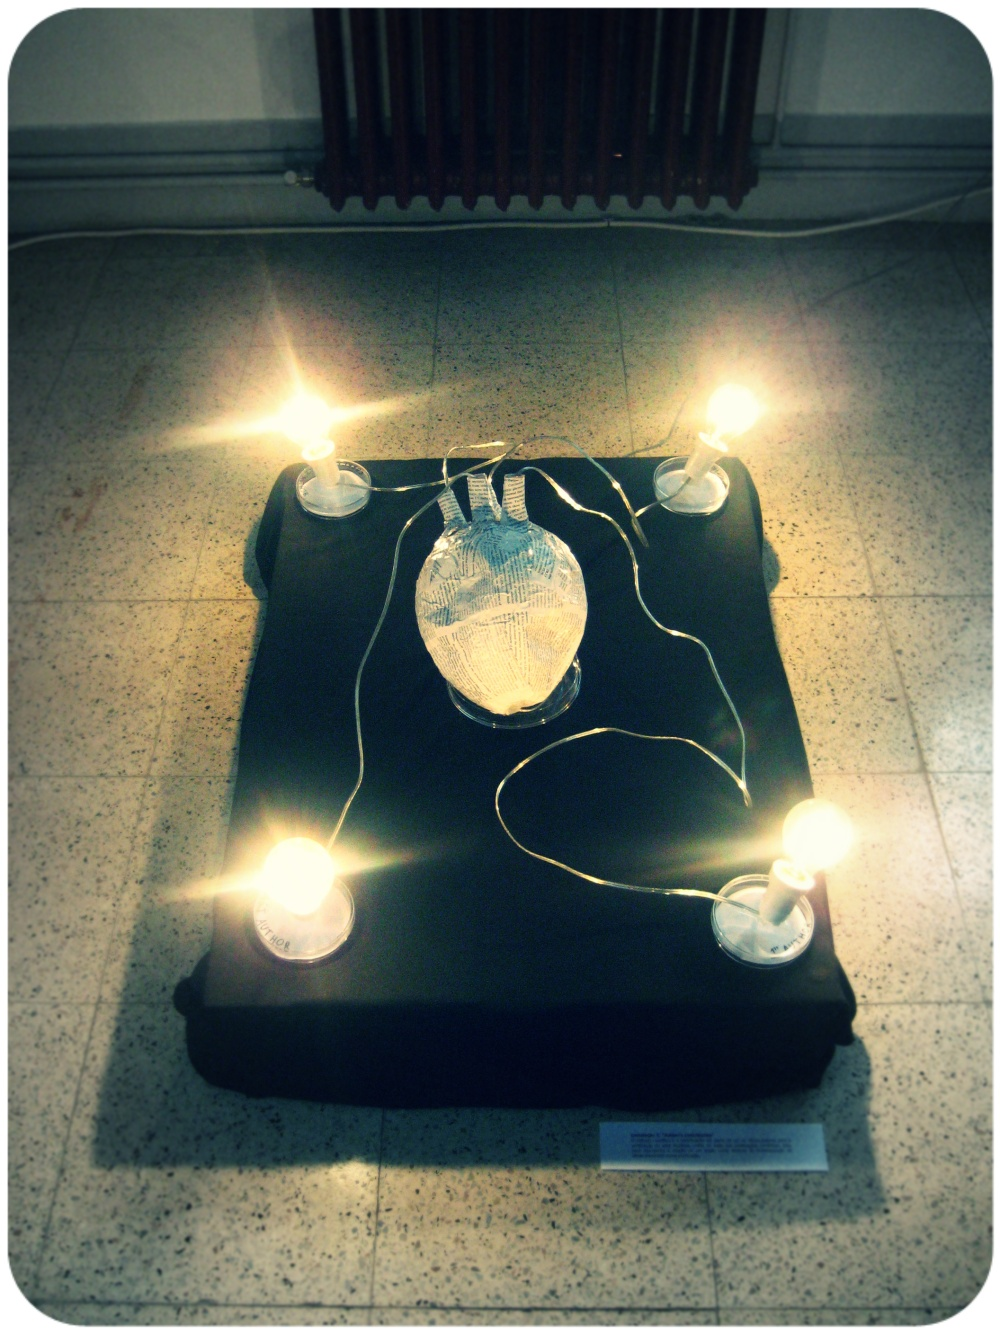 Circuçito con corazón de anacos de revistas científicas, feito por J. Magalhães para O Ollo da Arte